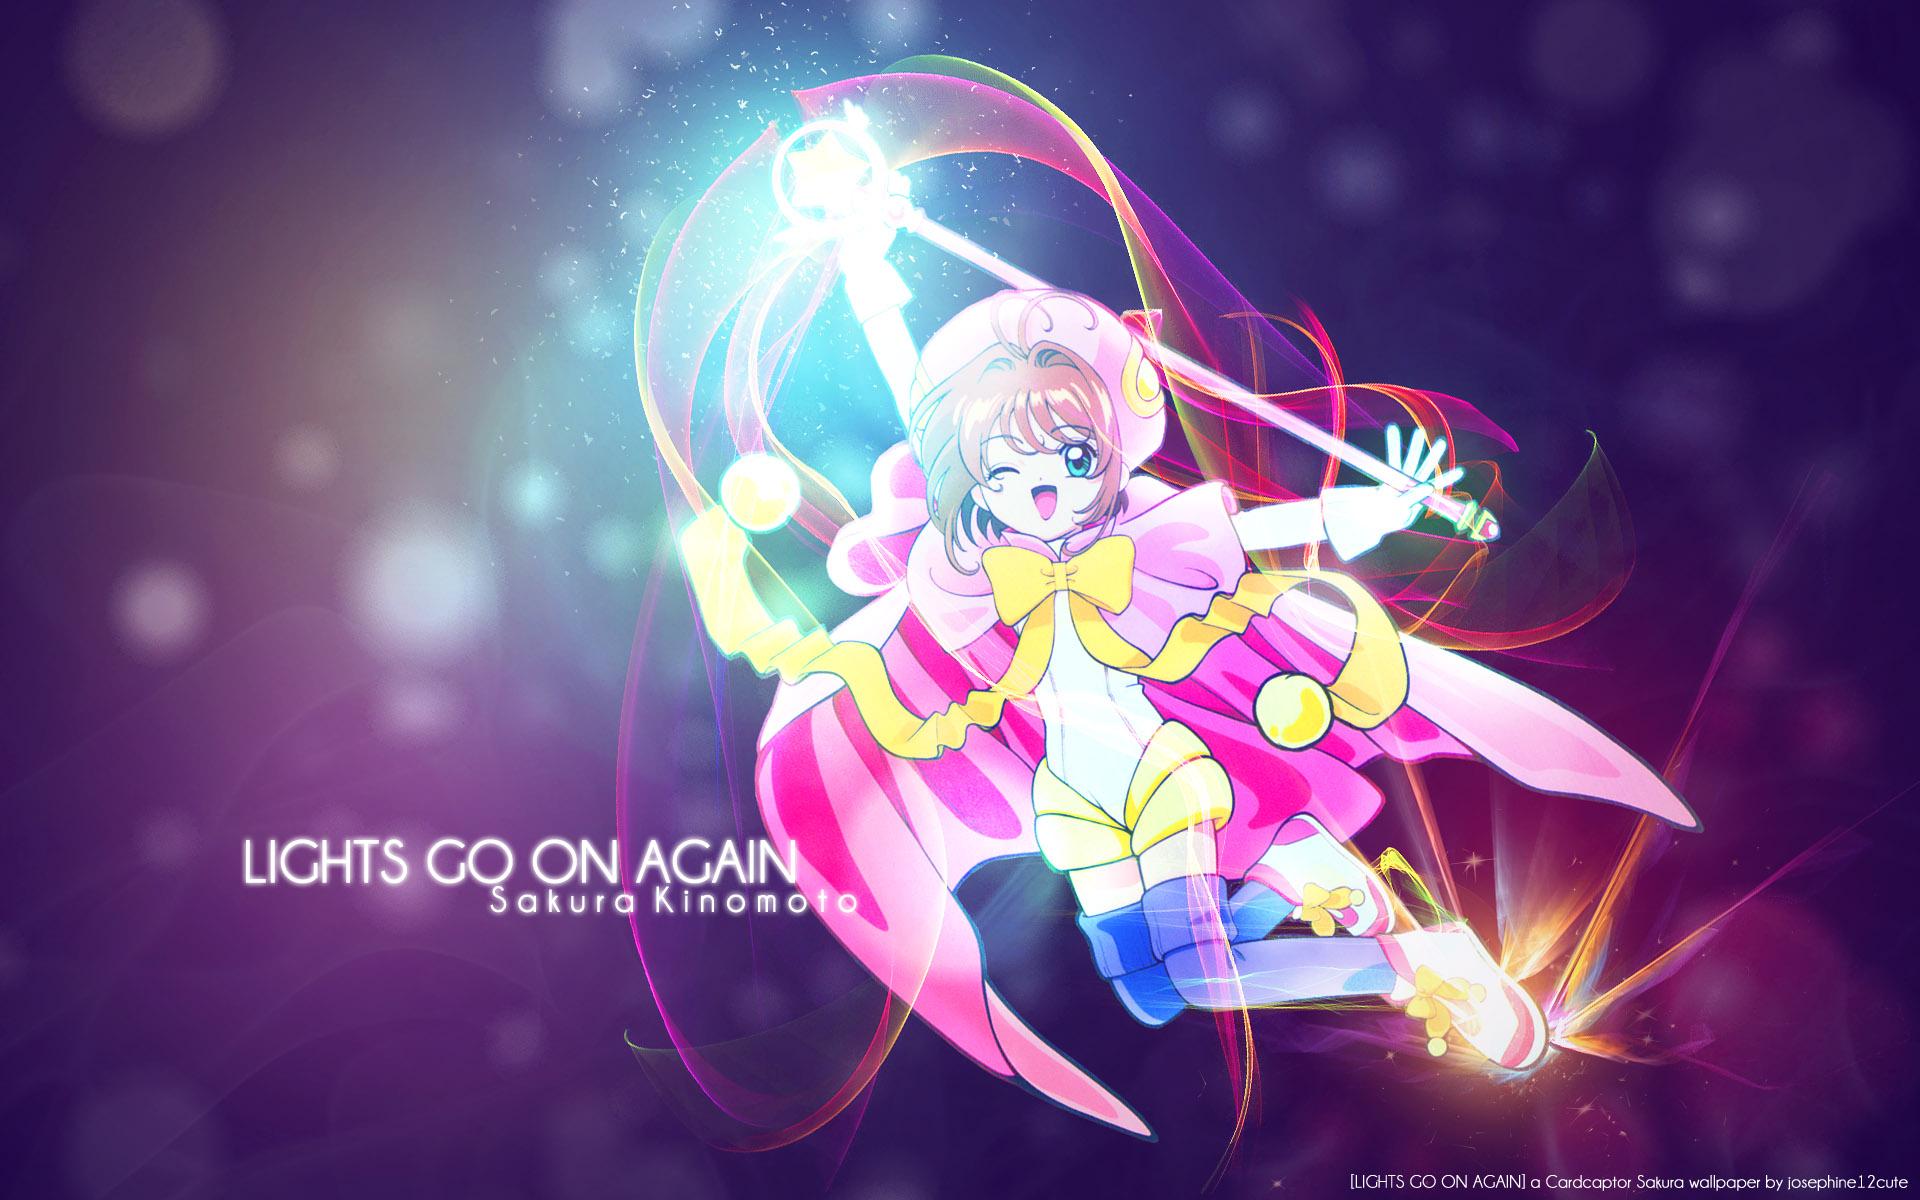 Cardcaptor Sakura Wallpaper: LIGHTS GO ON AGAIN - Minitokyo